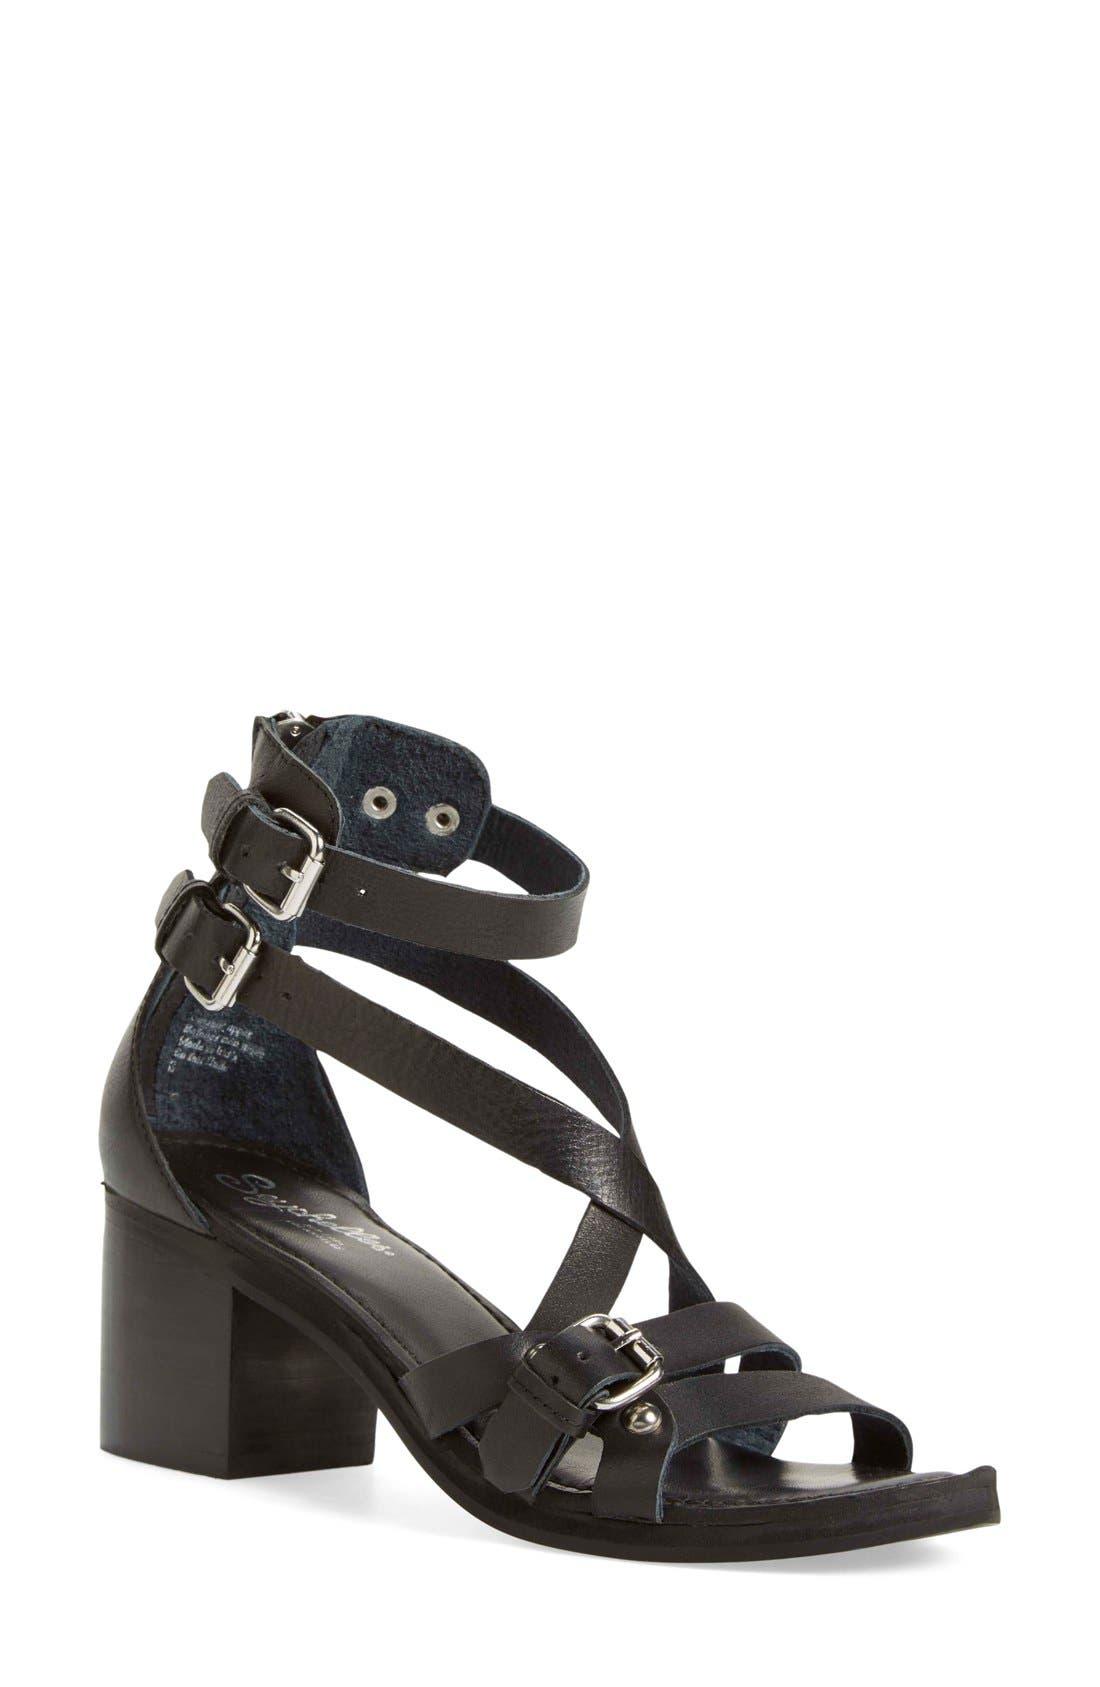 Main Image - Seychelles 'Aquarius' Ankle Strap Sandal (Women)